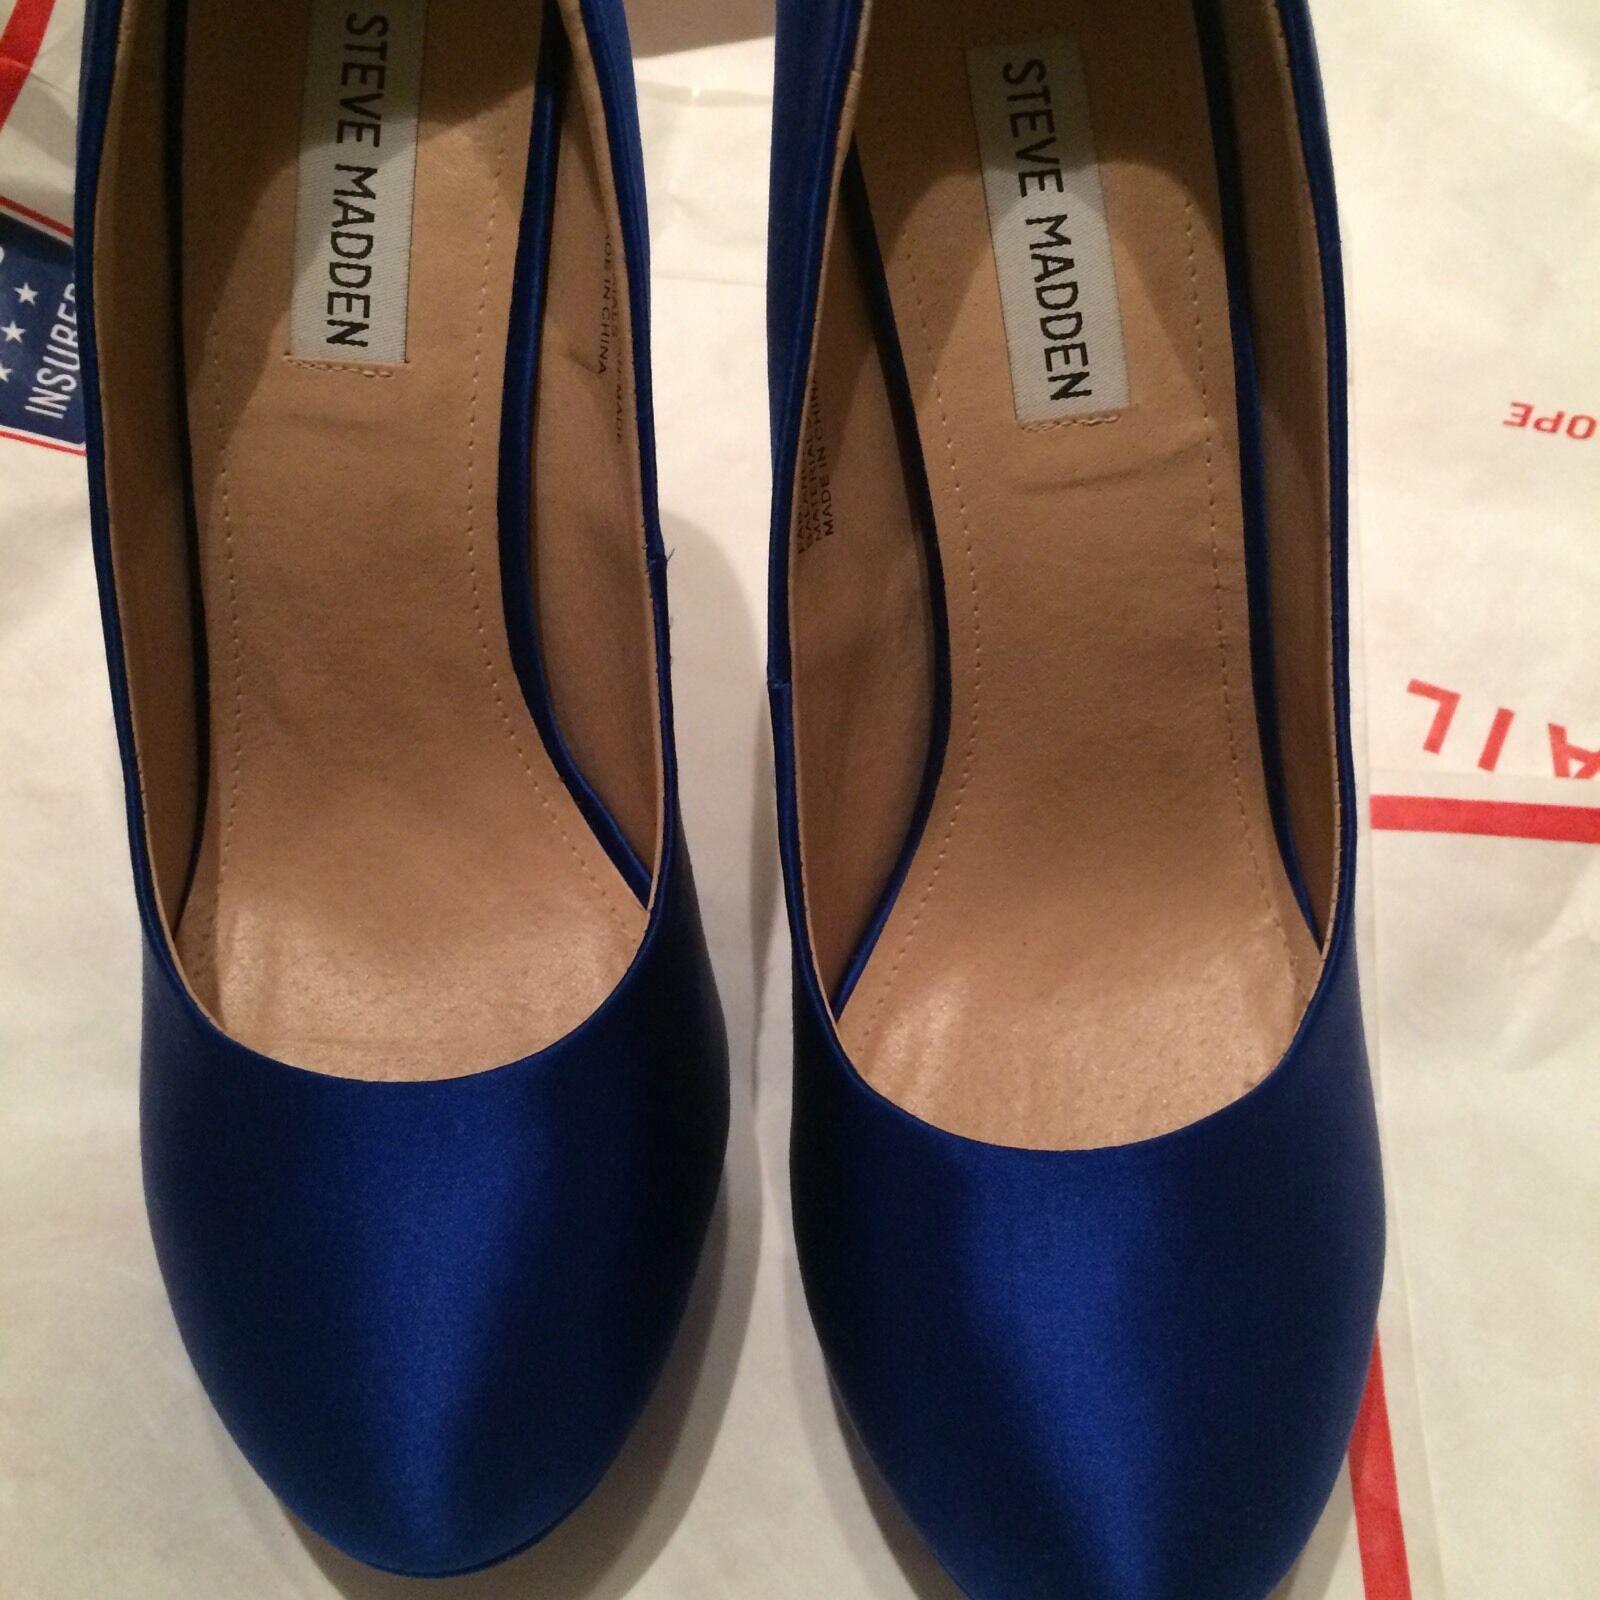 10 New Steve Madden Platform Blue Satin Platform Madden Shoes 5bfa84